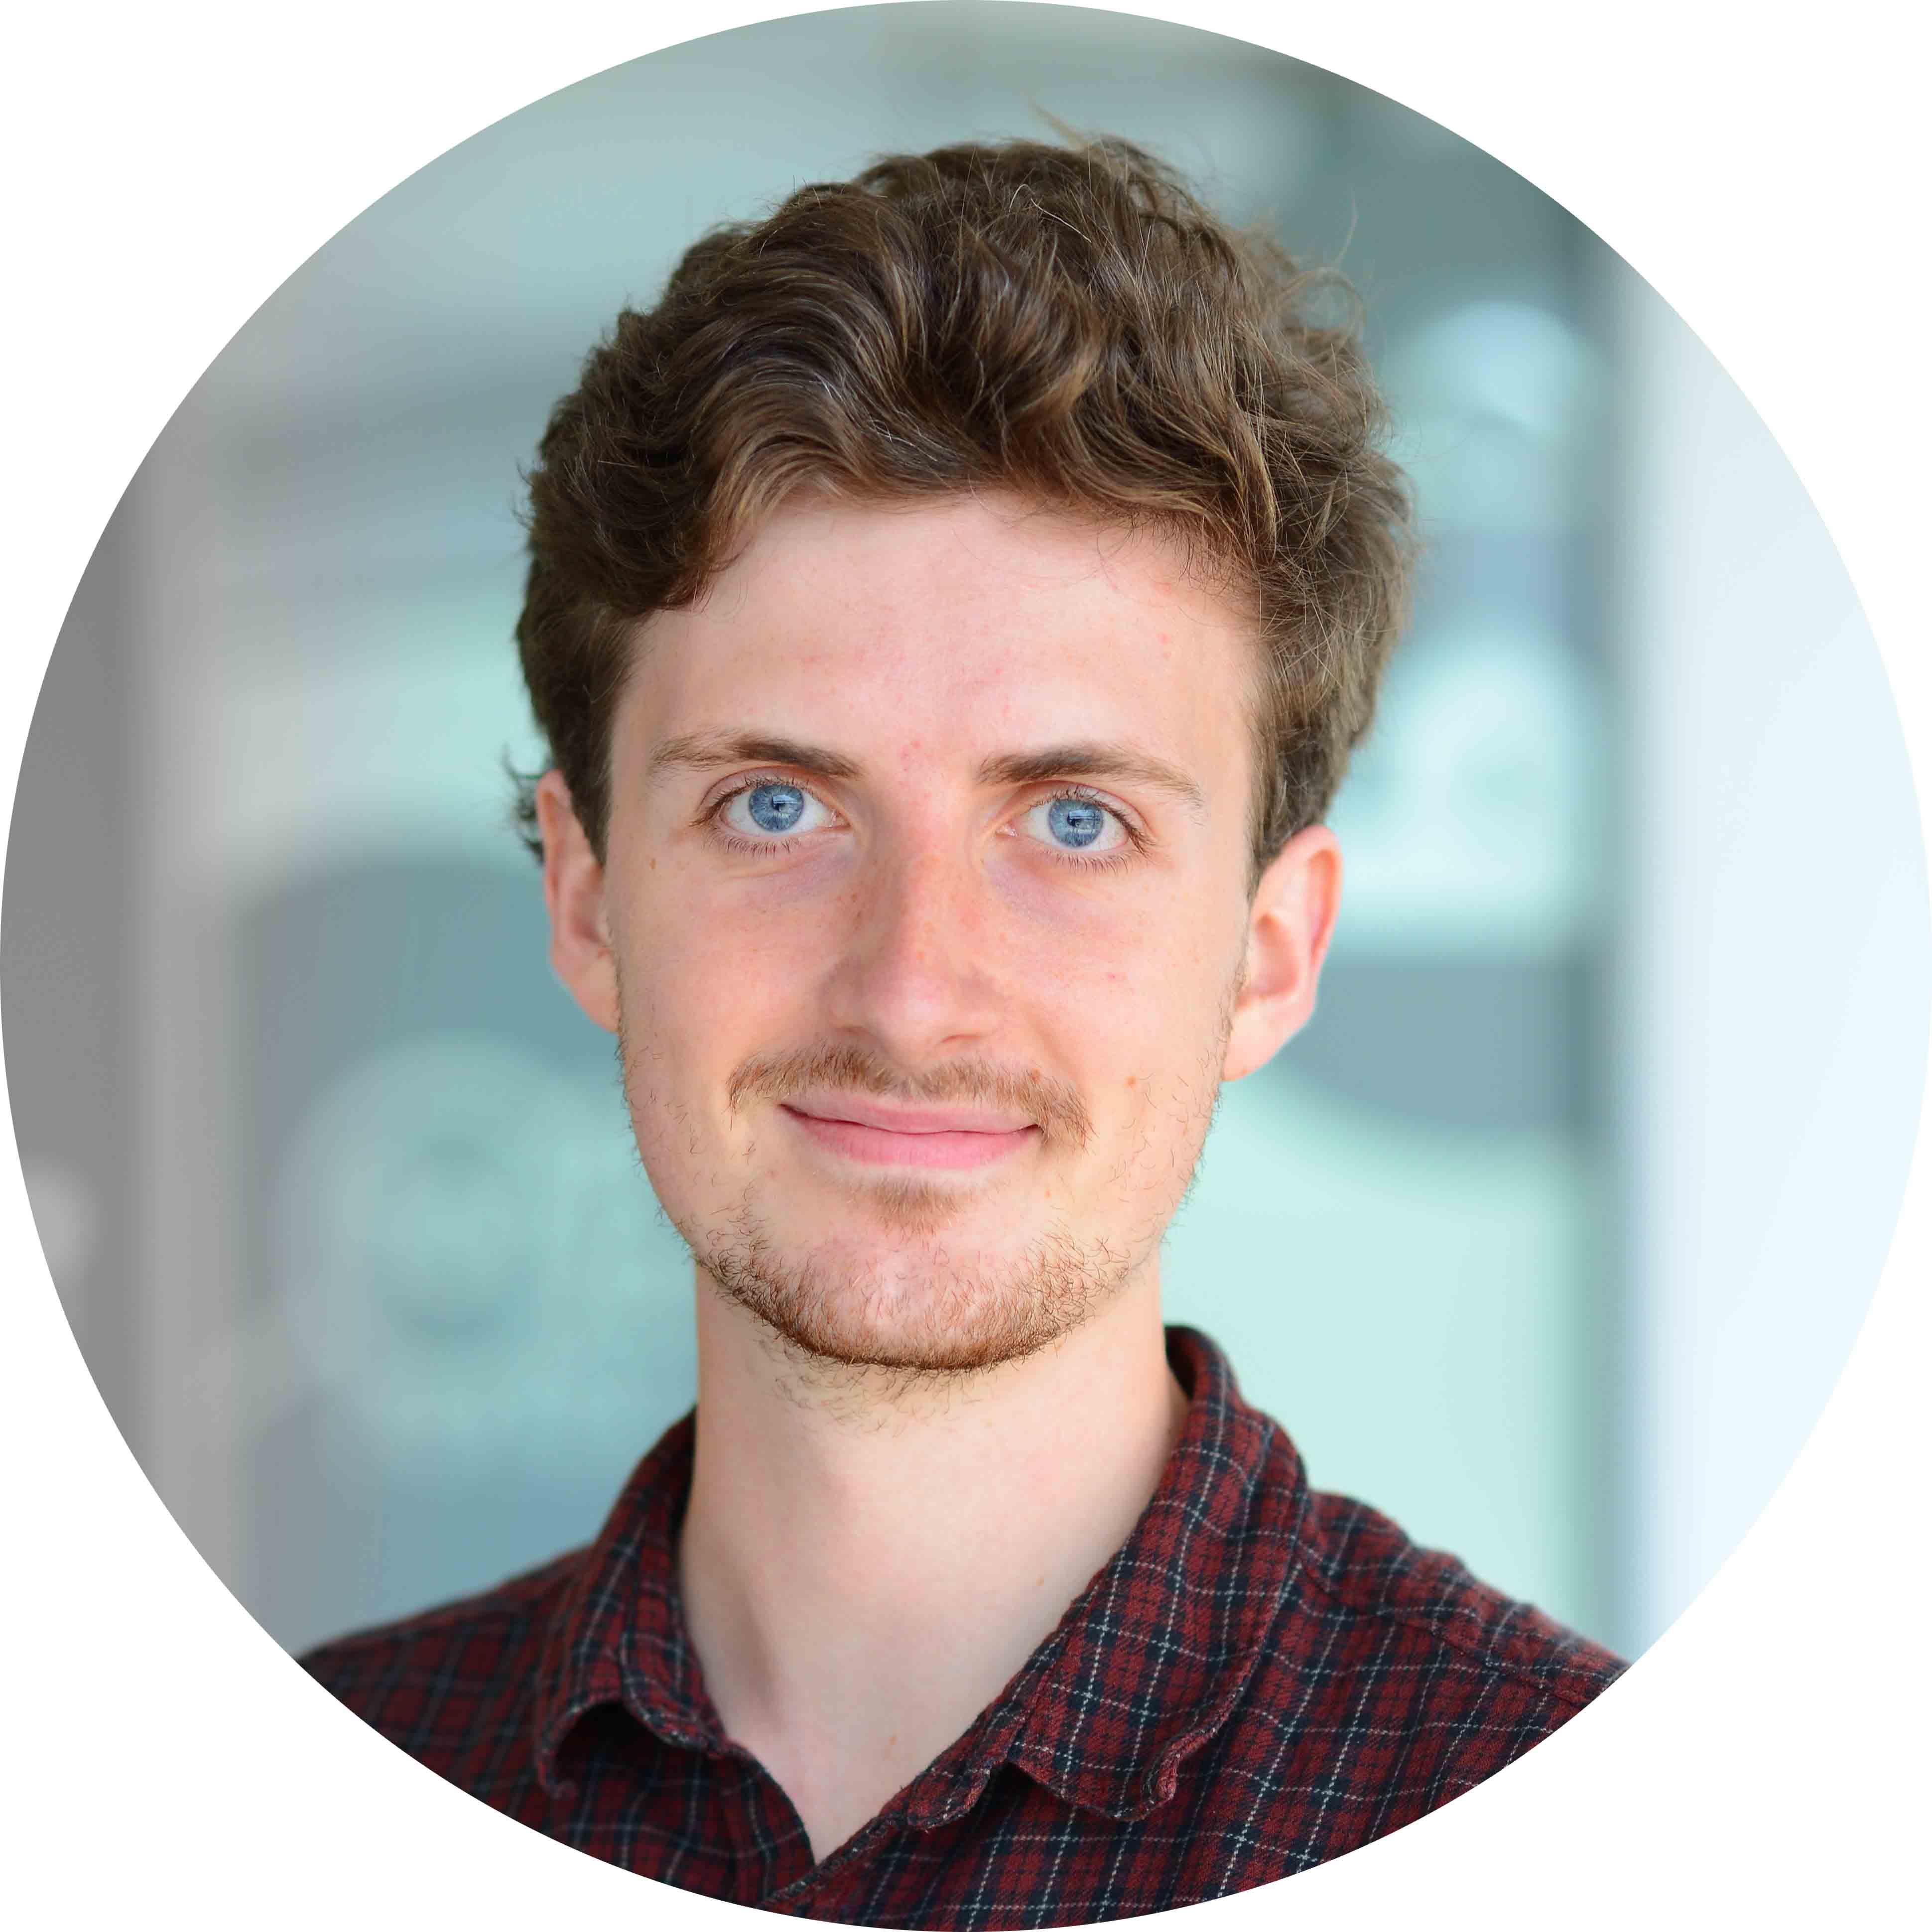 Matt O'Grady